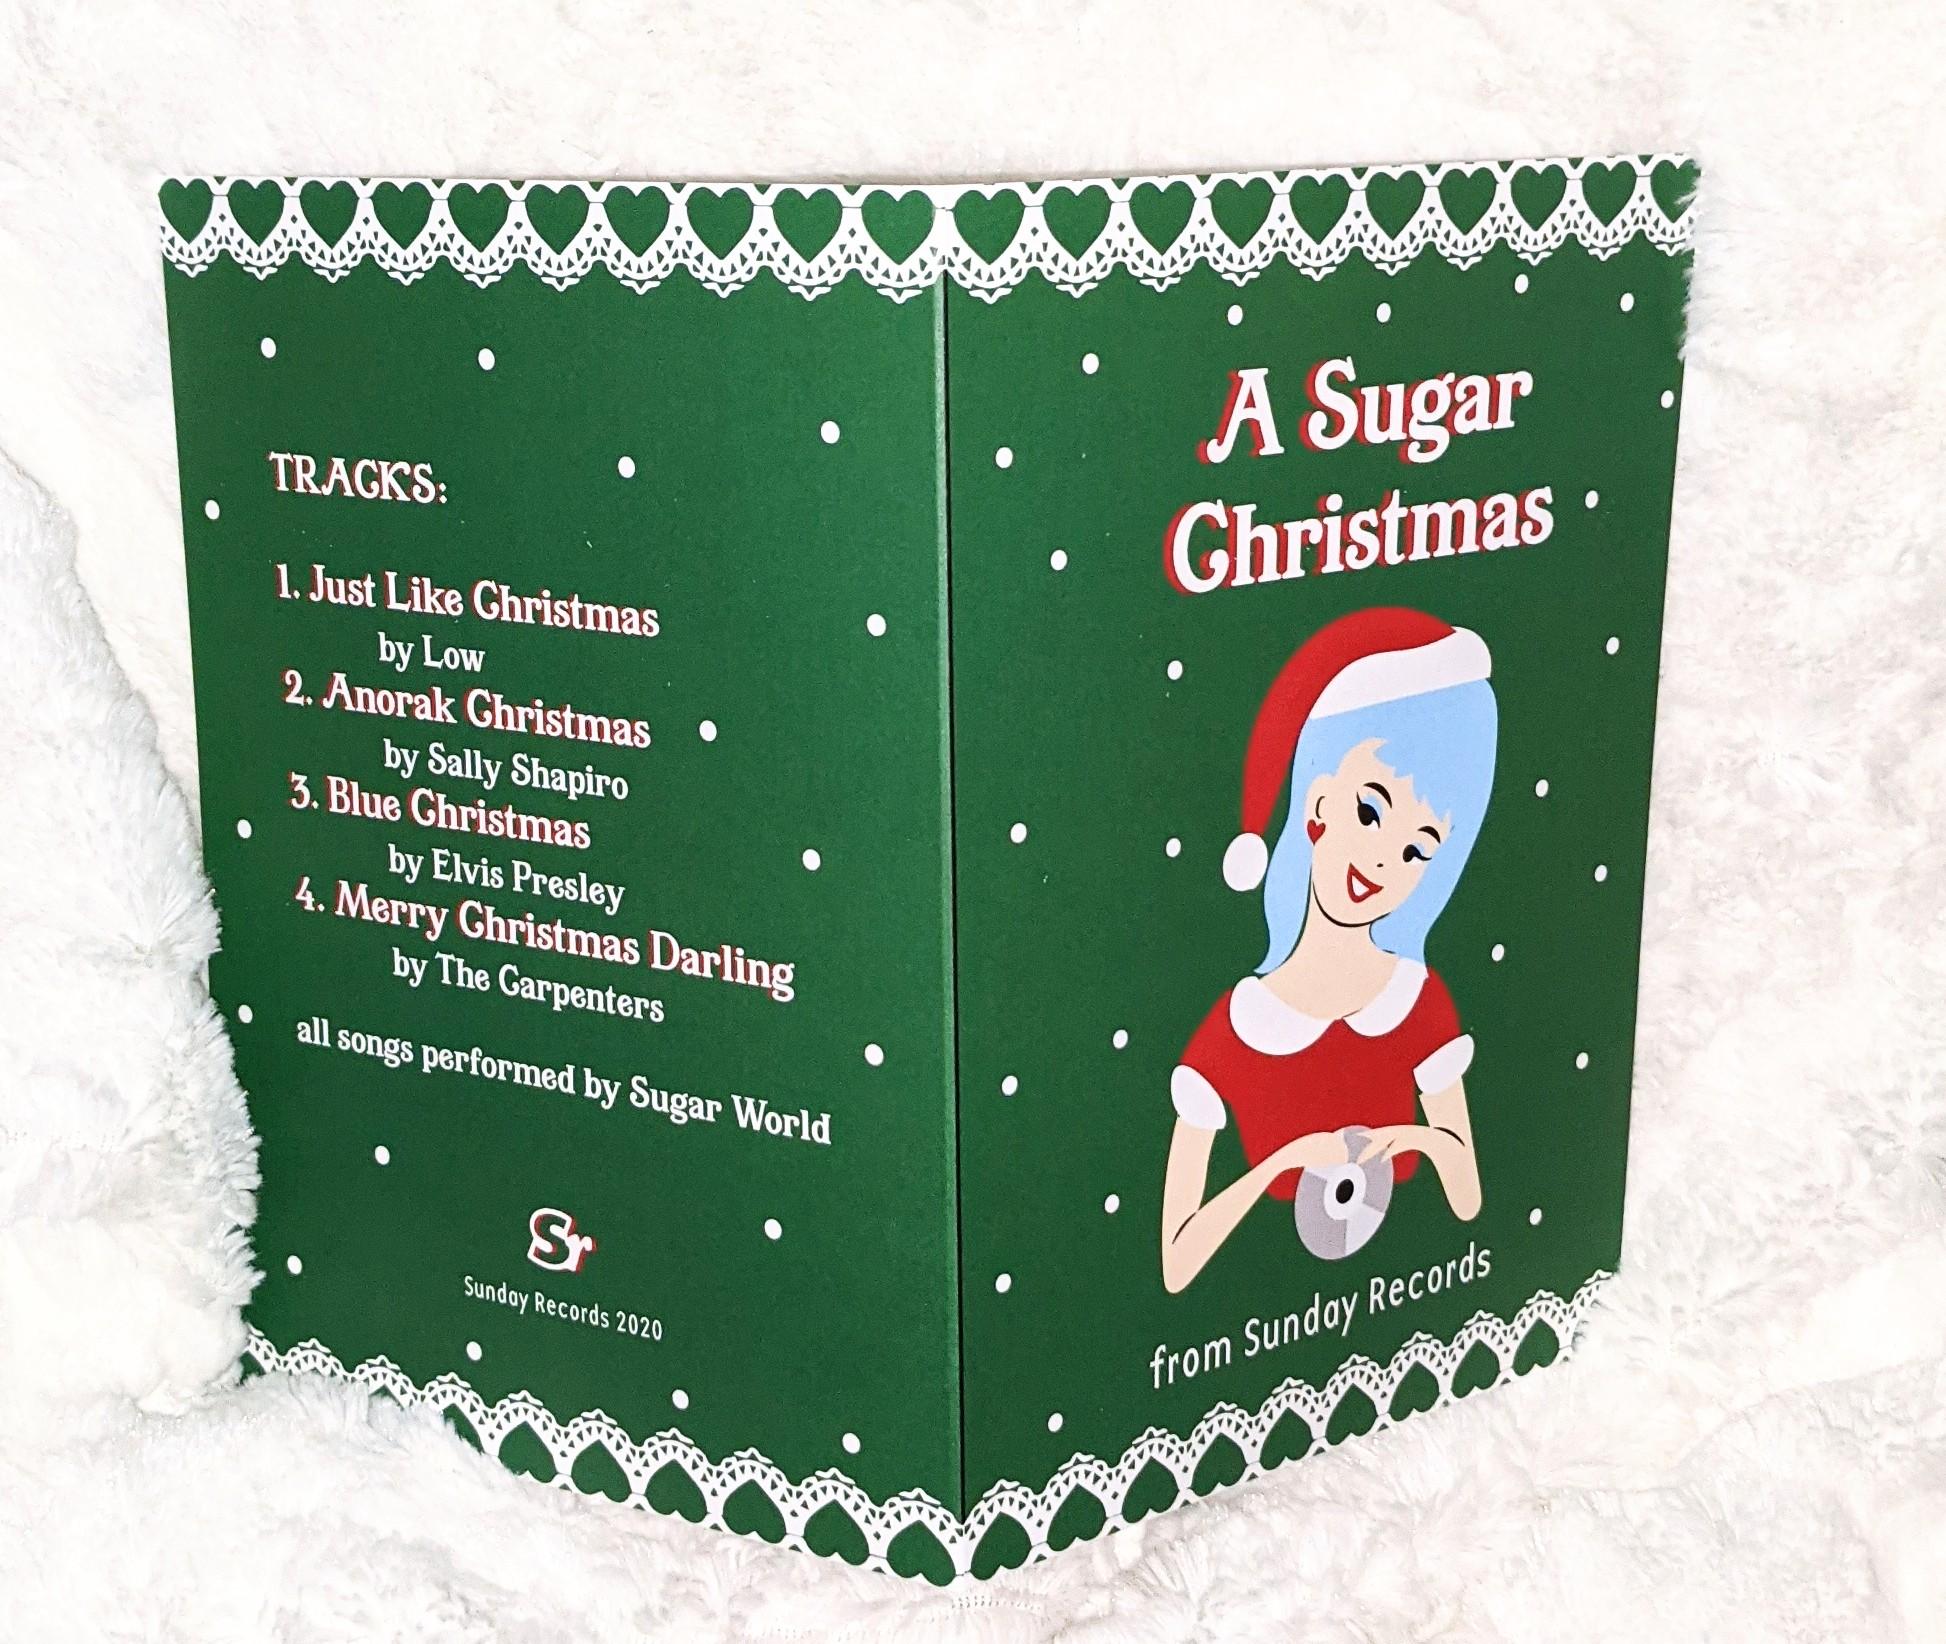 Sugar World - A Sugar Christmas EP - CD  (free shipping)